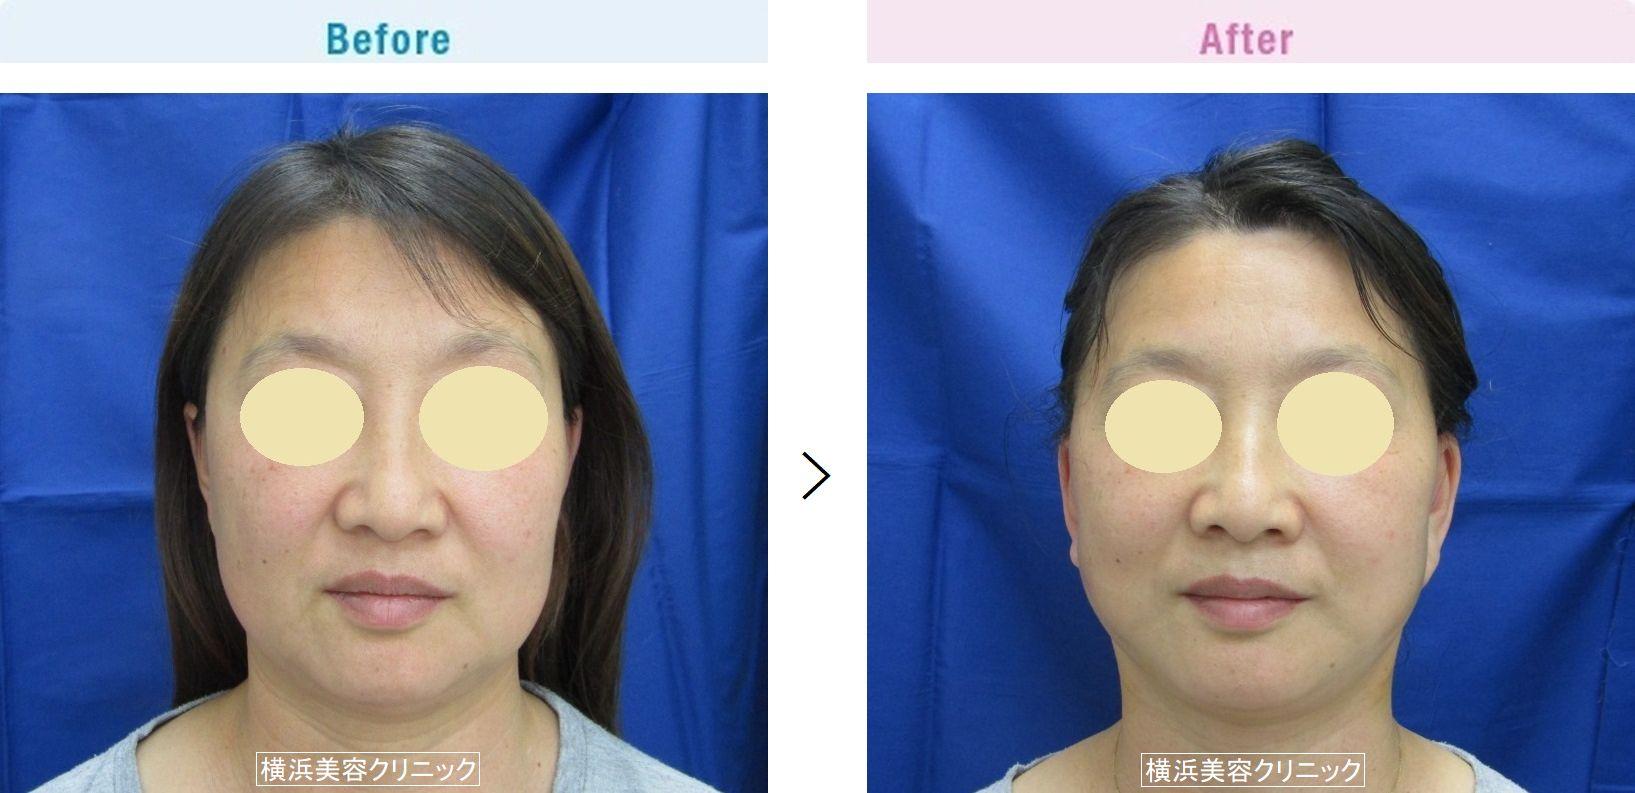 【50代女性】タルミによる四角いフェイスラインを小顔効果があるフェイスリフト(切開リフト)でスッキリと改善。【横浜美容クリニック】